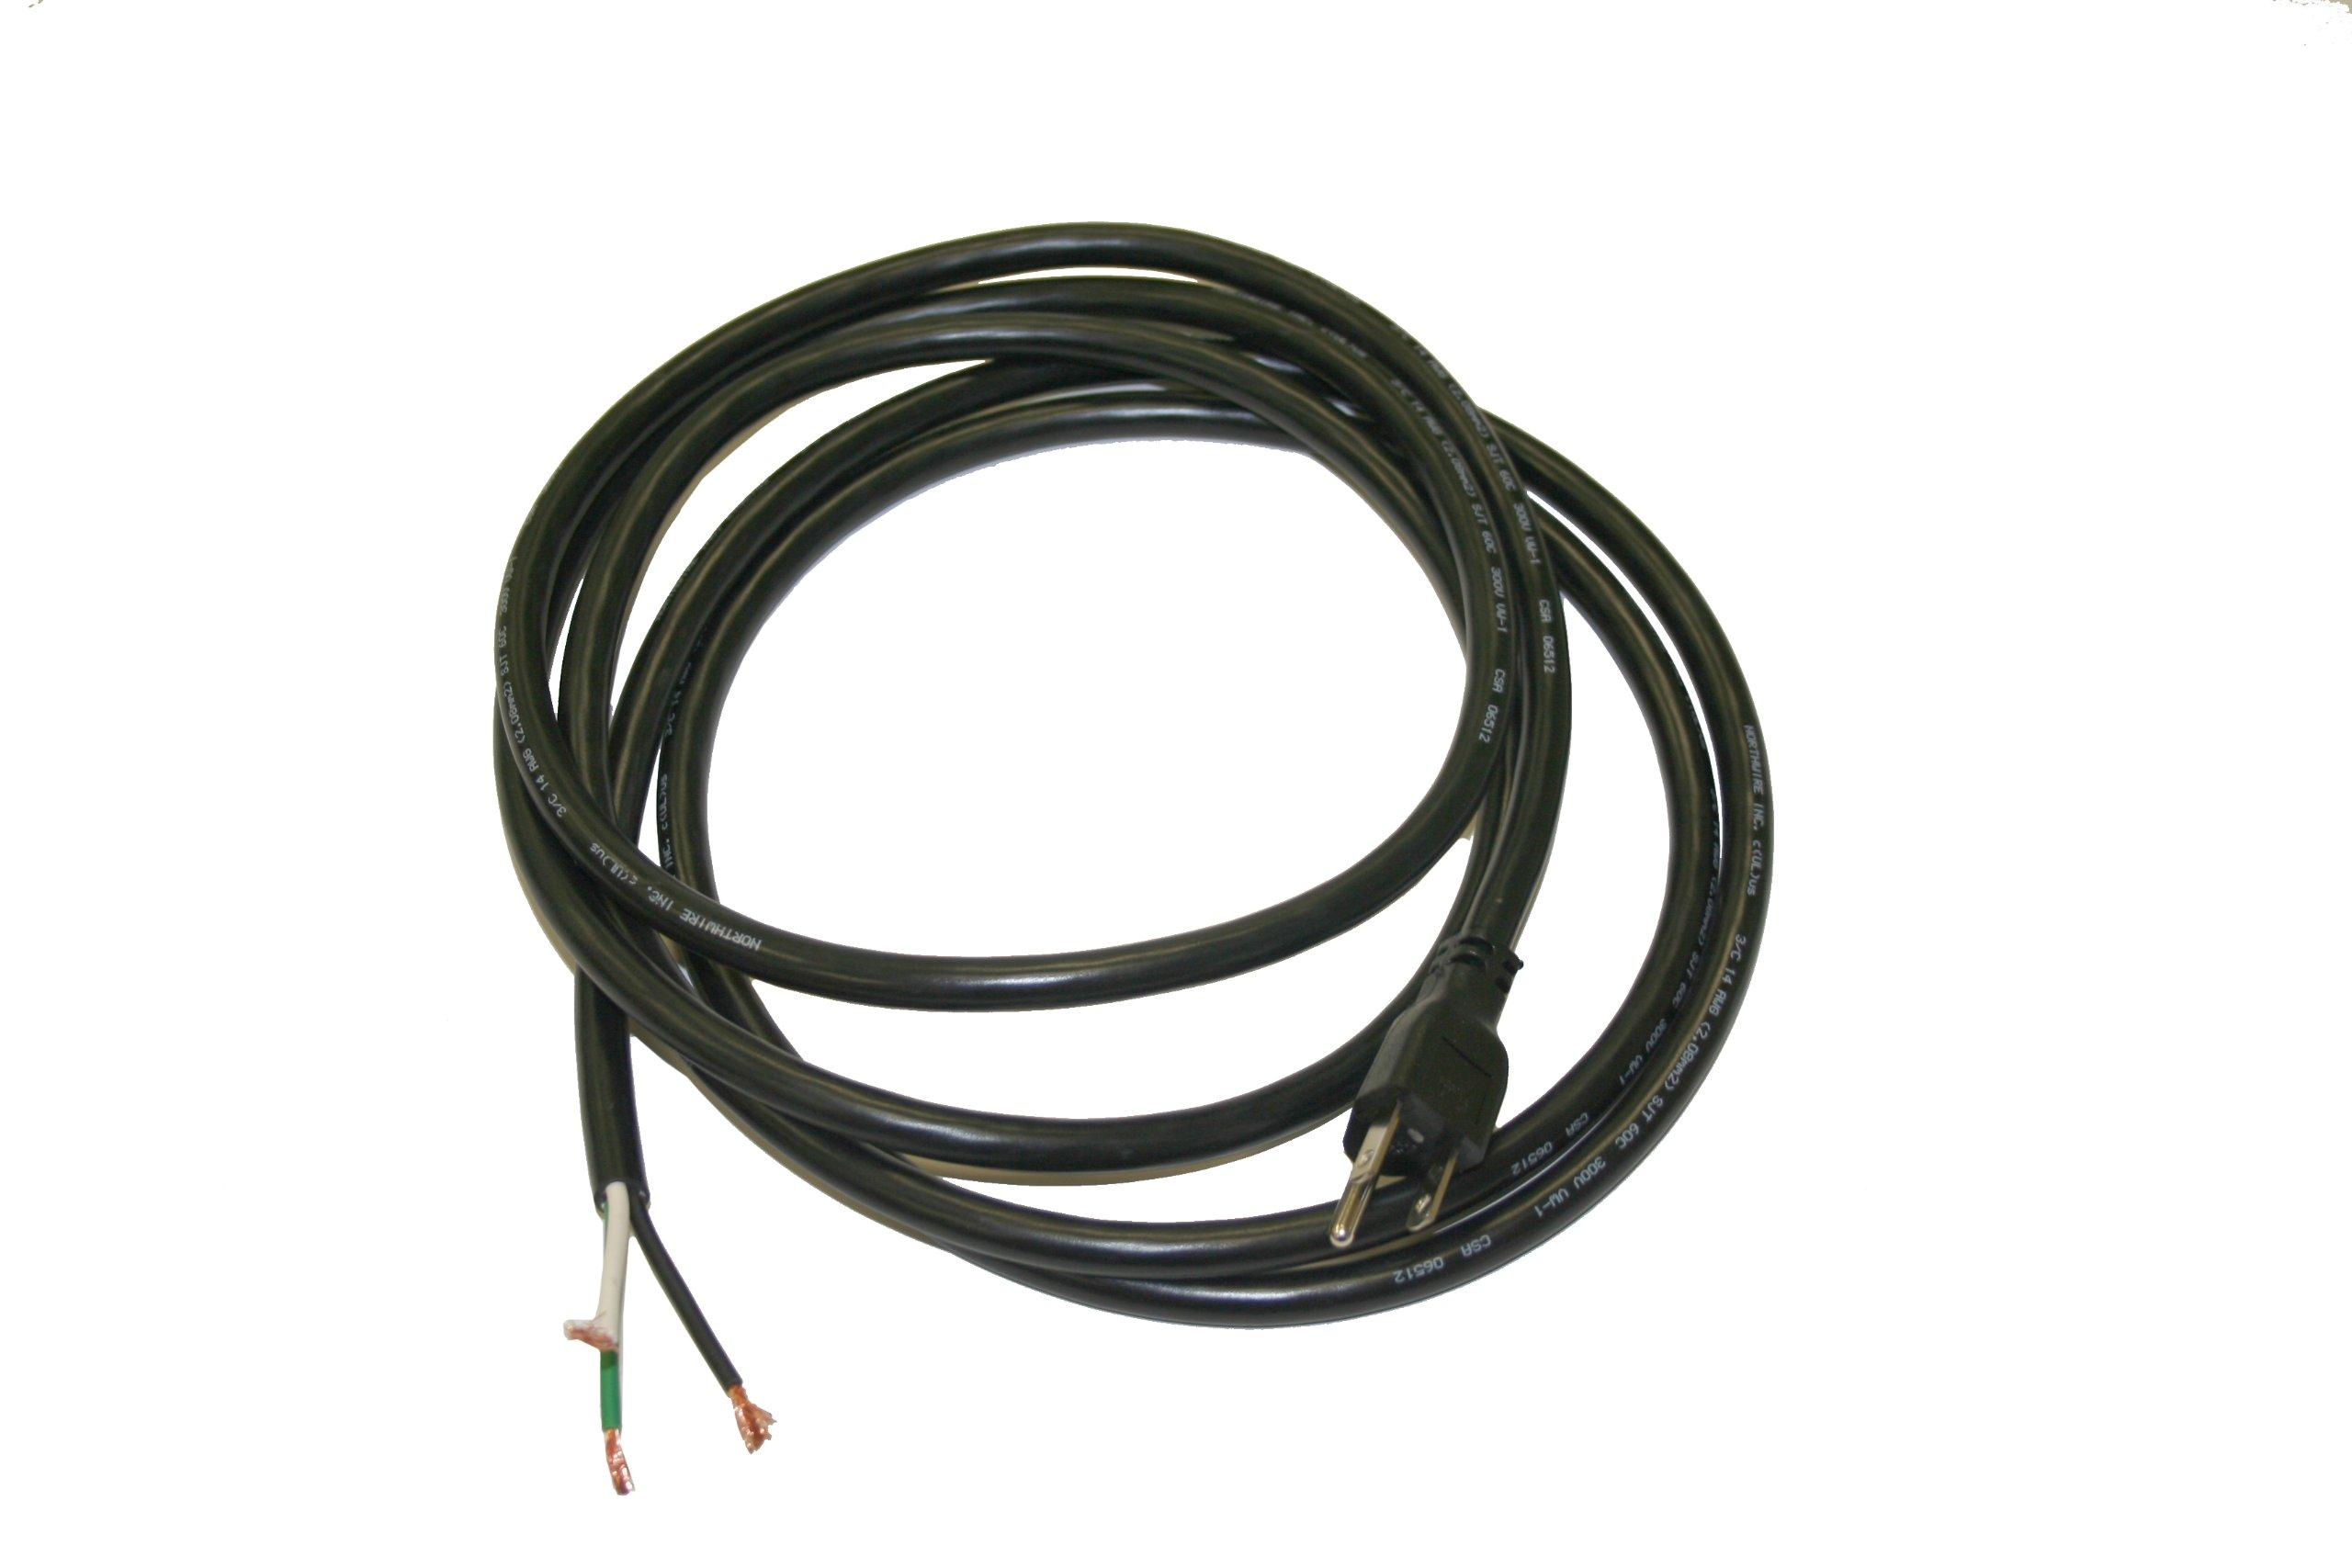 Interpower 70404000305 North American Power Cord, NEMA 5-15 Plug Type, Black Plug Color, Black Cable Color, 15A Amperage, 125VAC Voltage, 3.05m Length